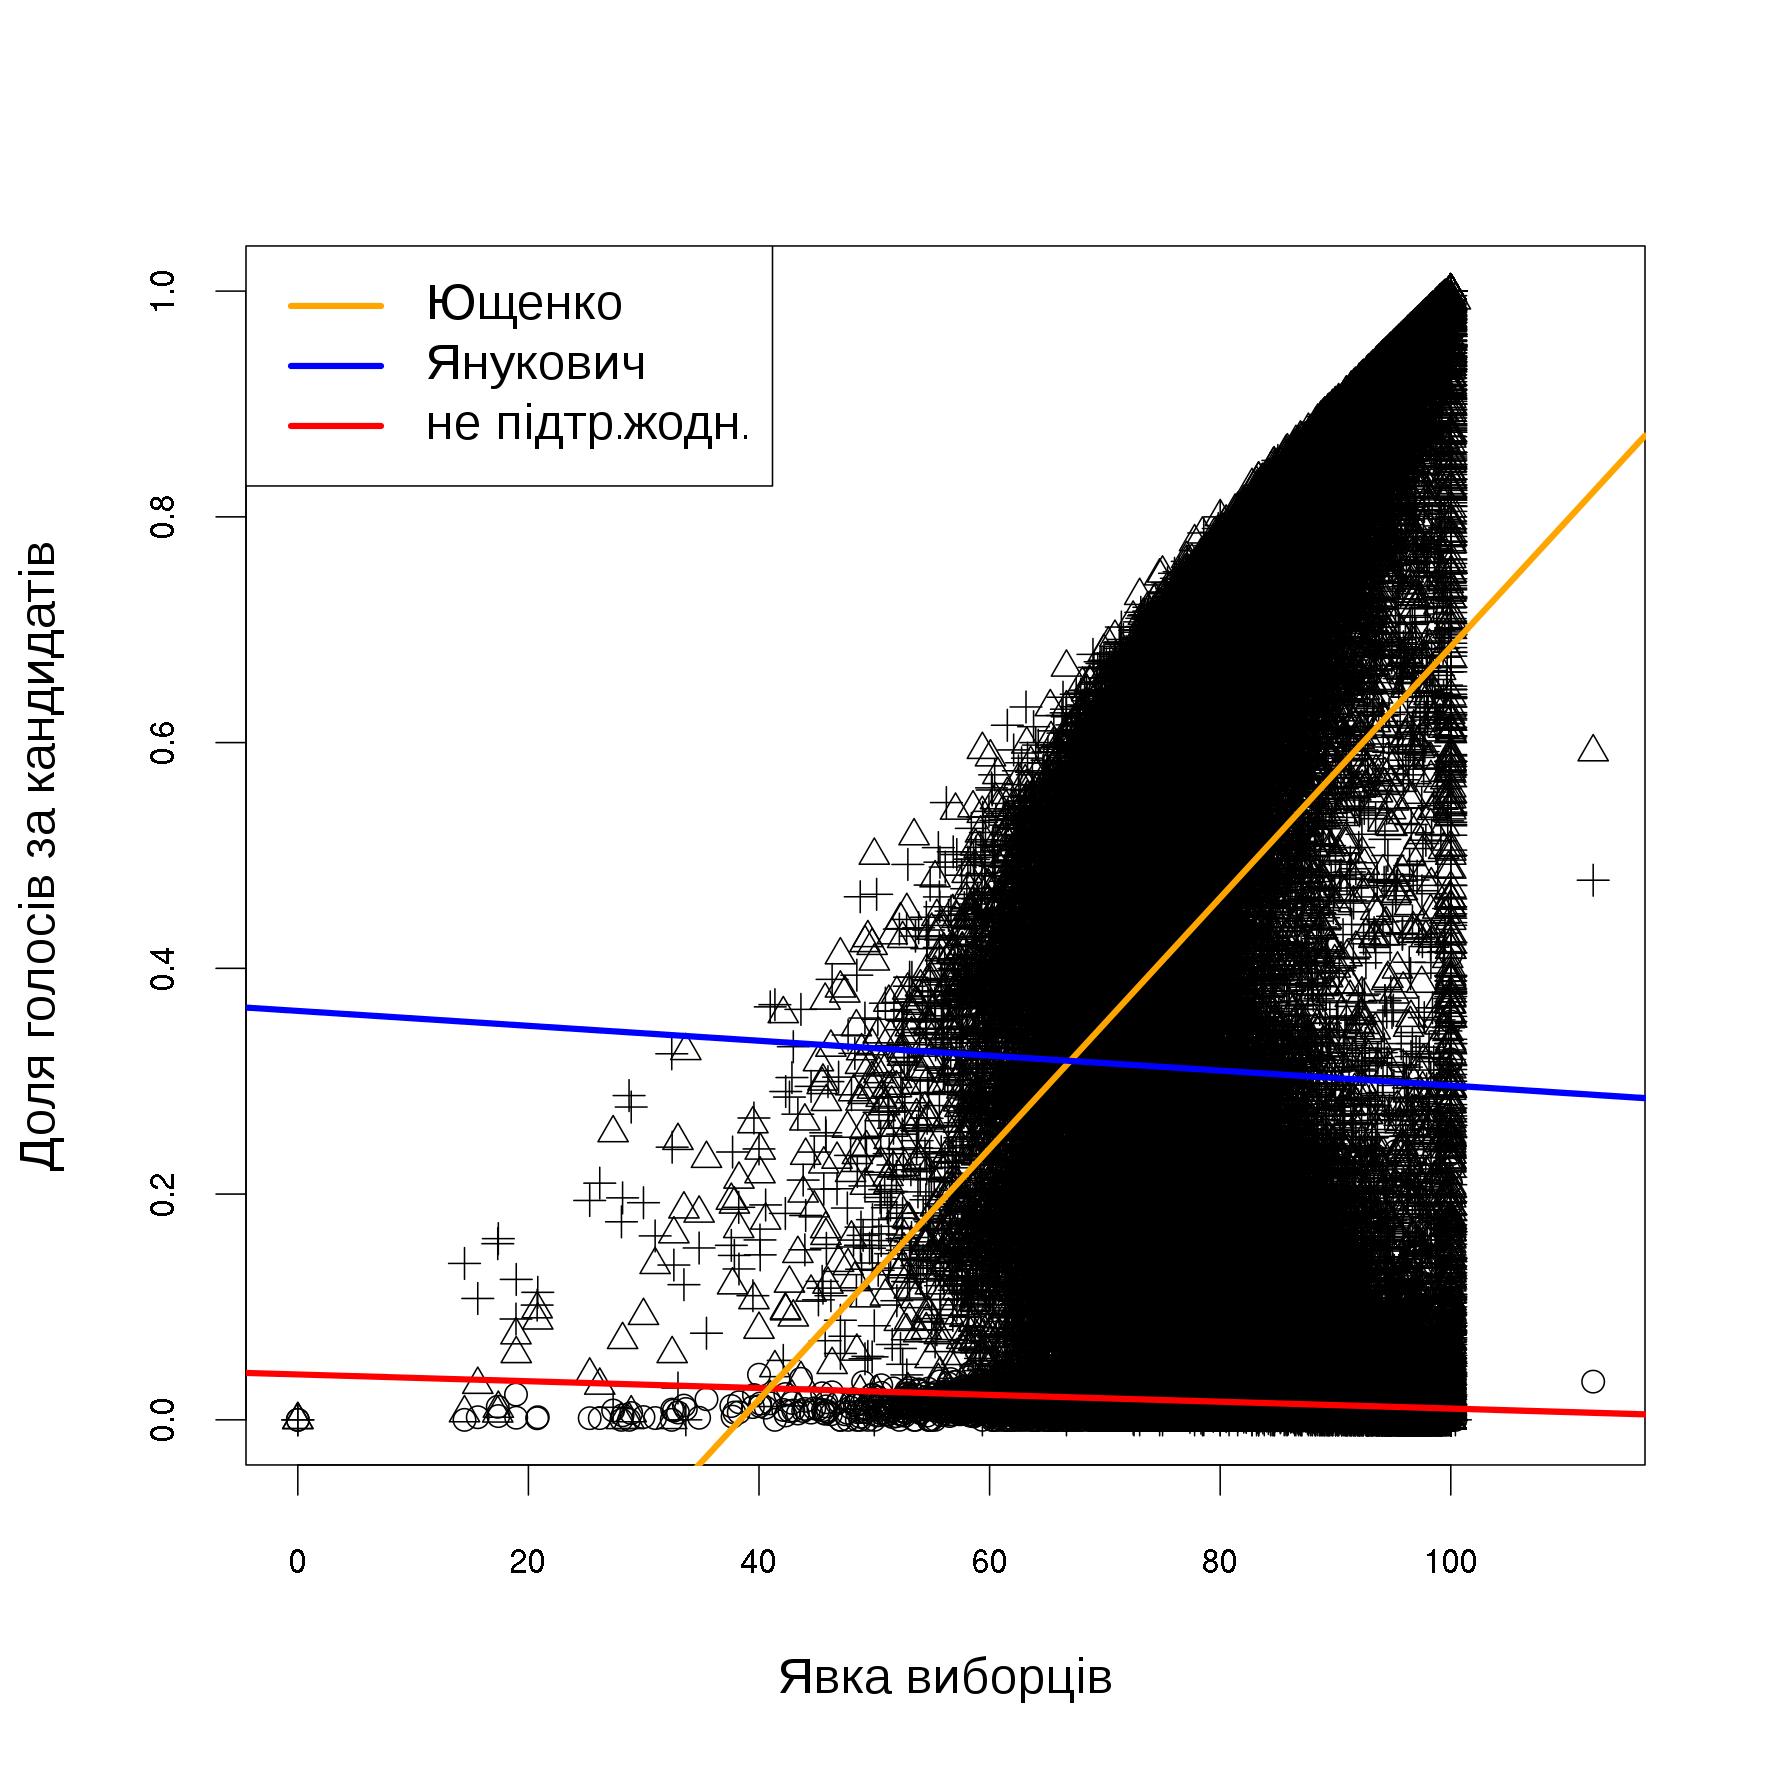 Регресійна модель залежності підтримки кандидатів від явки виборців